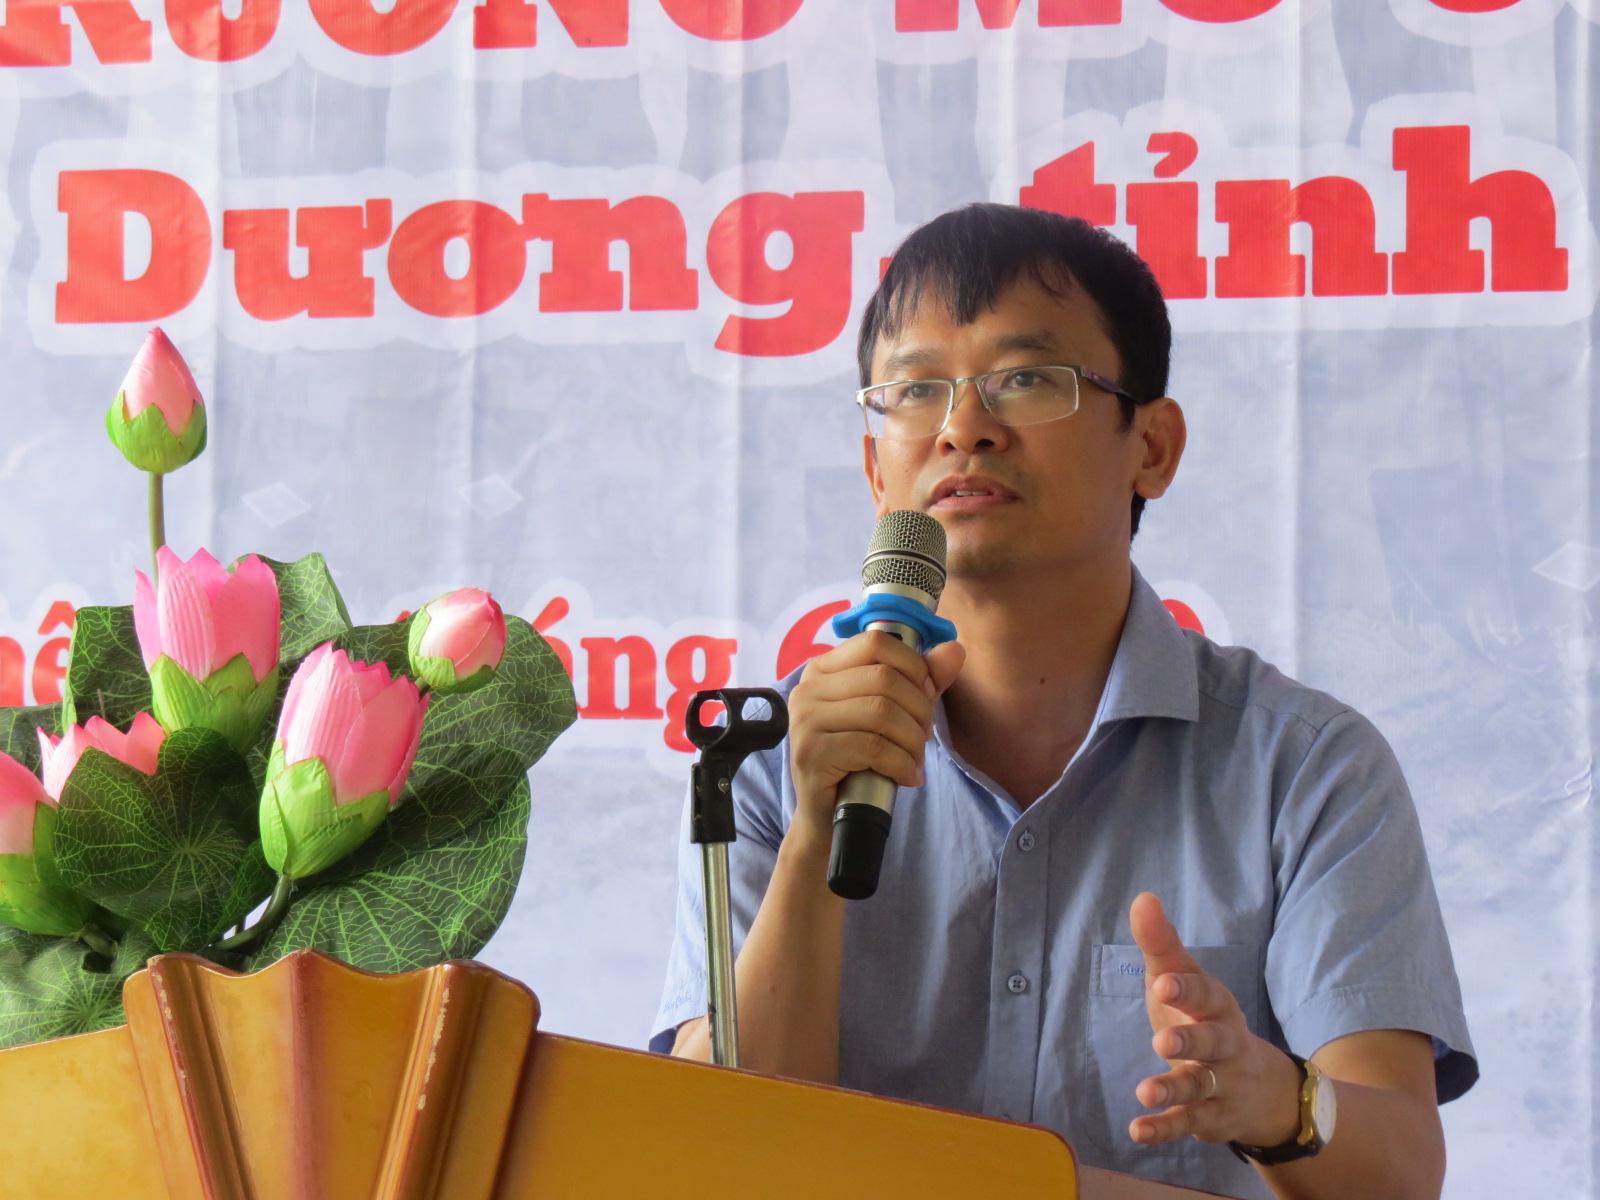 Báo NTNN/Báo Điện tử Dân Việt khởi công điểm trường mơ ước ở Nghệ An  - Ảnh 7.